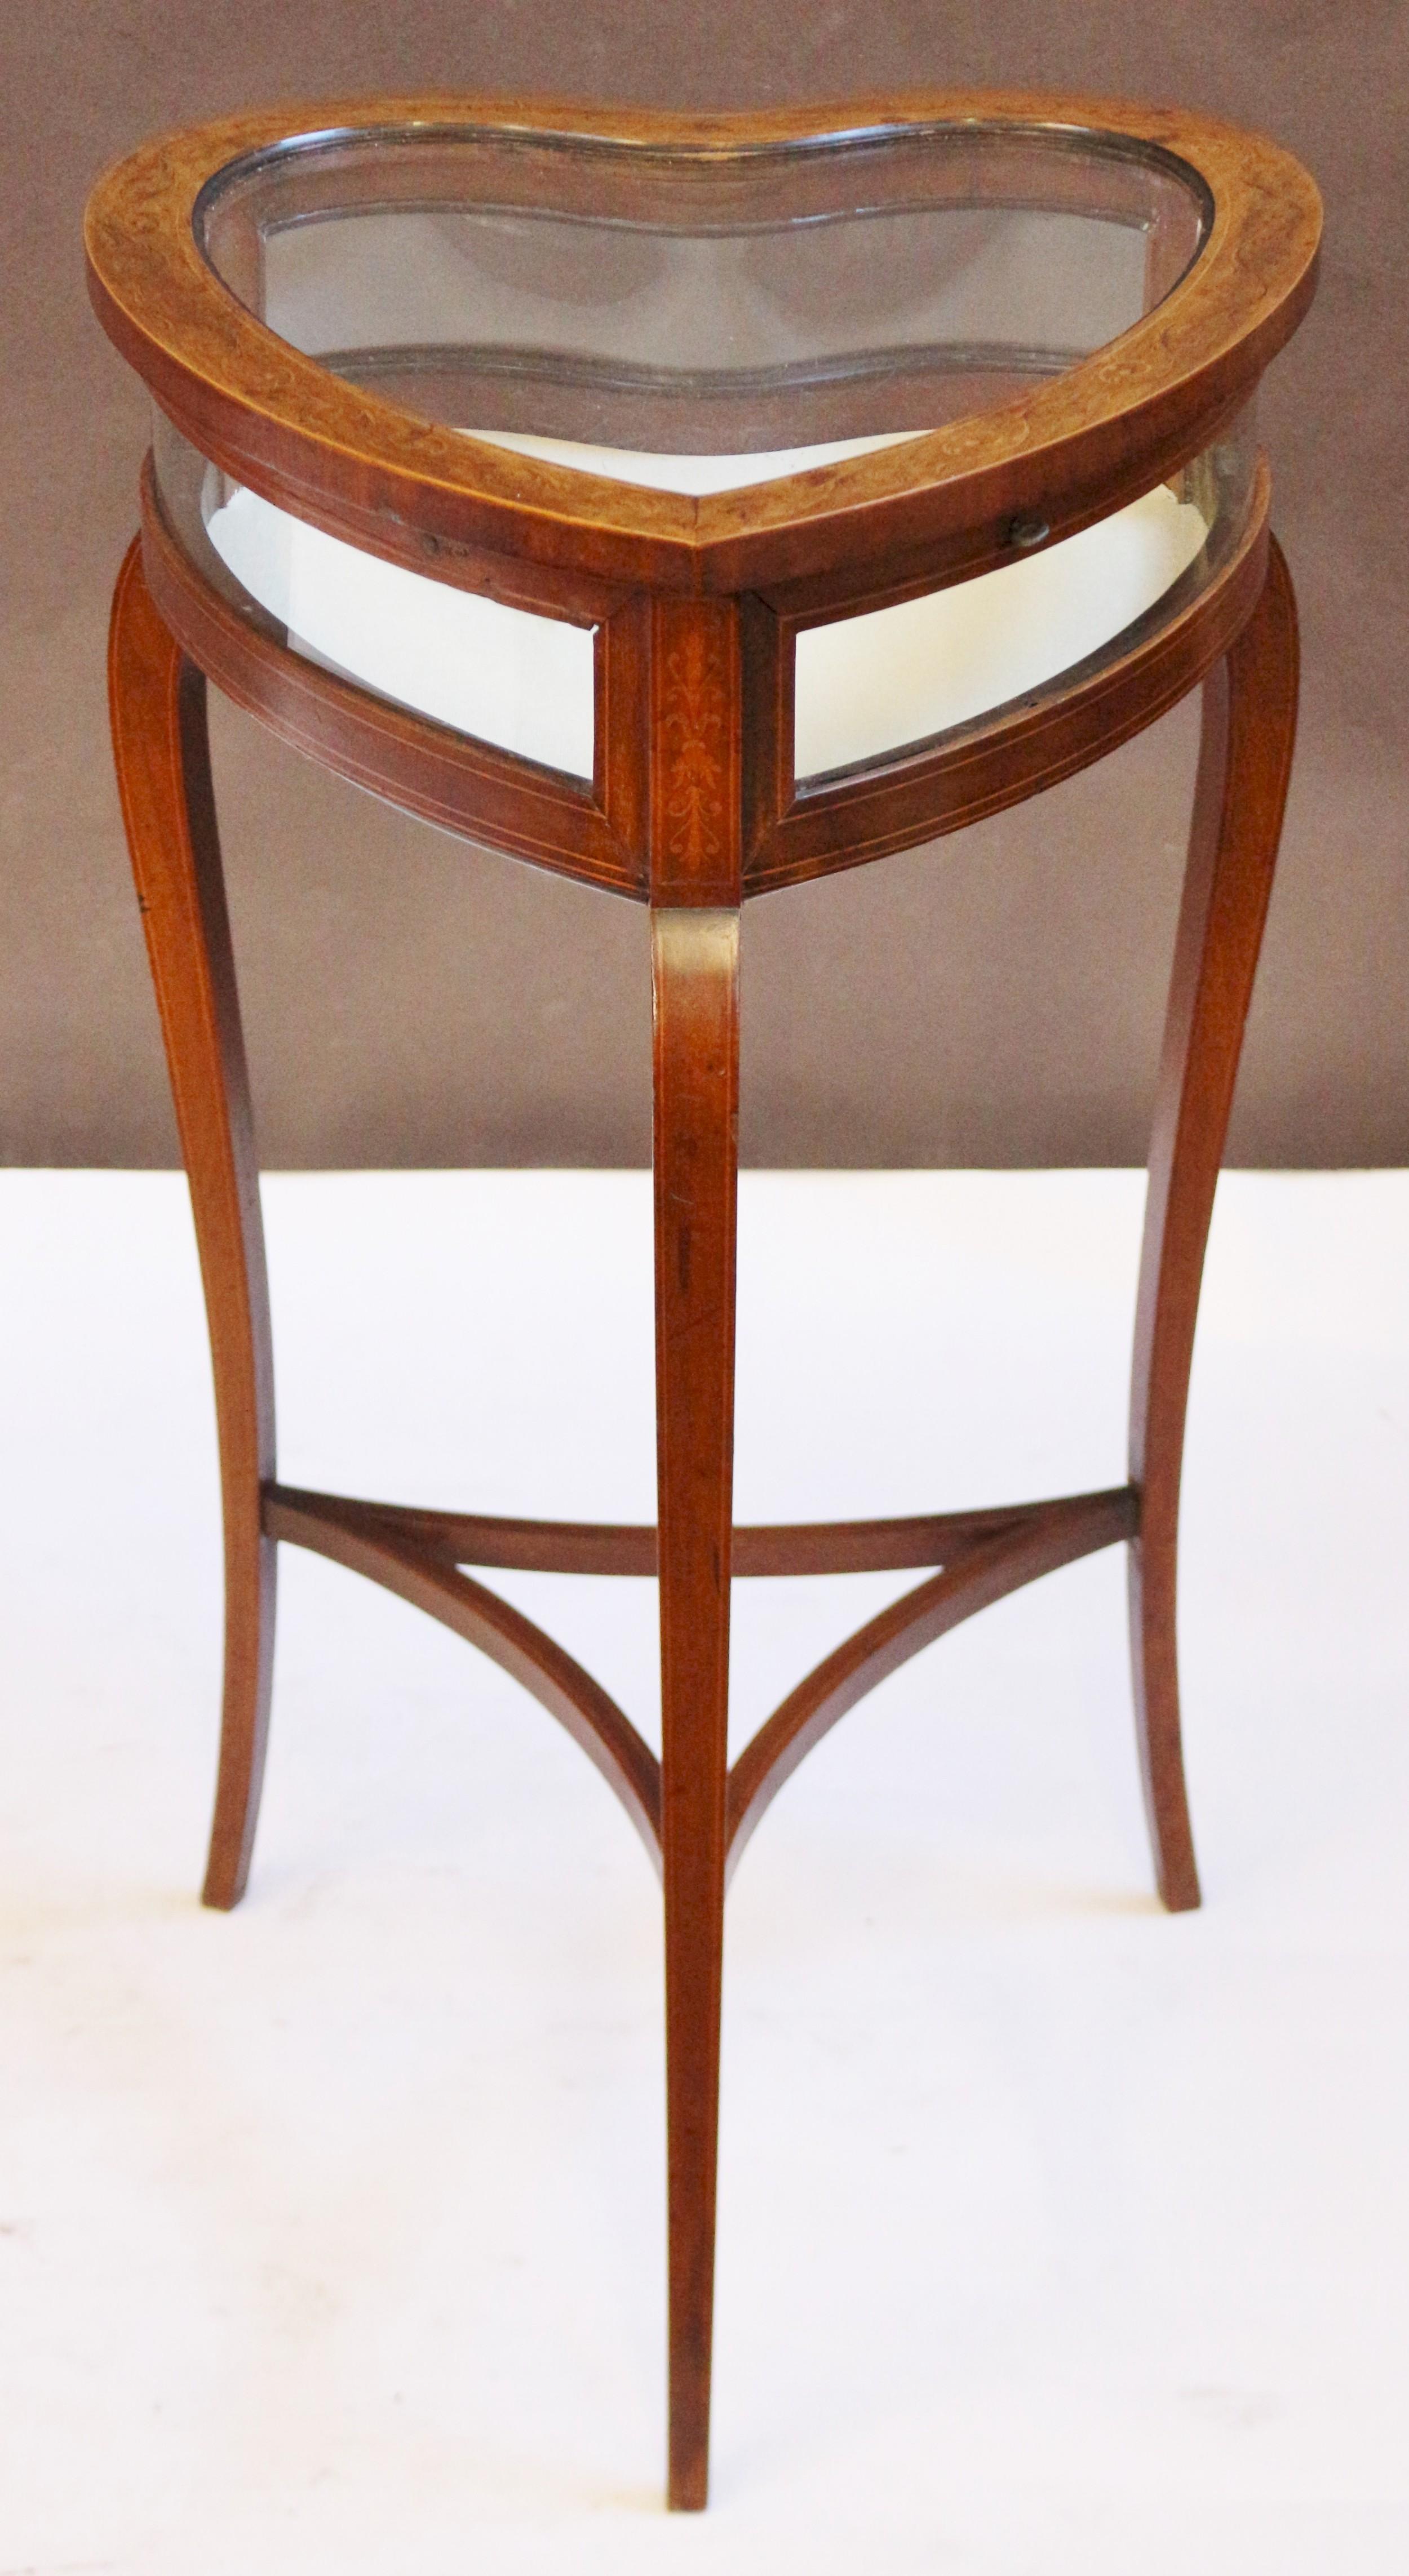 edwardian inlaid mahogany heart shaped bijouterie table